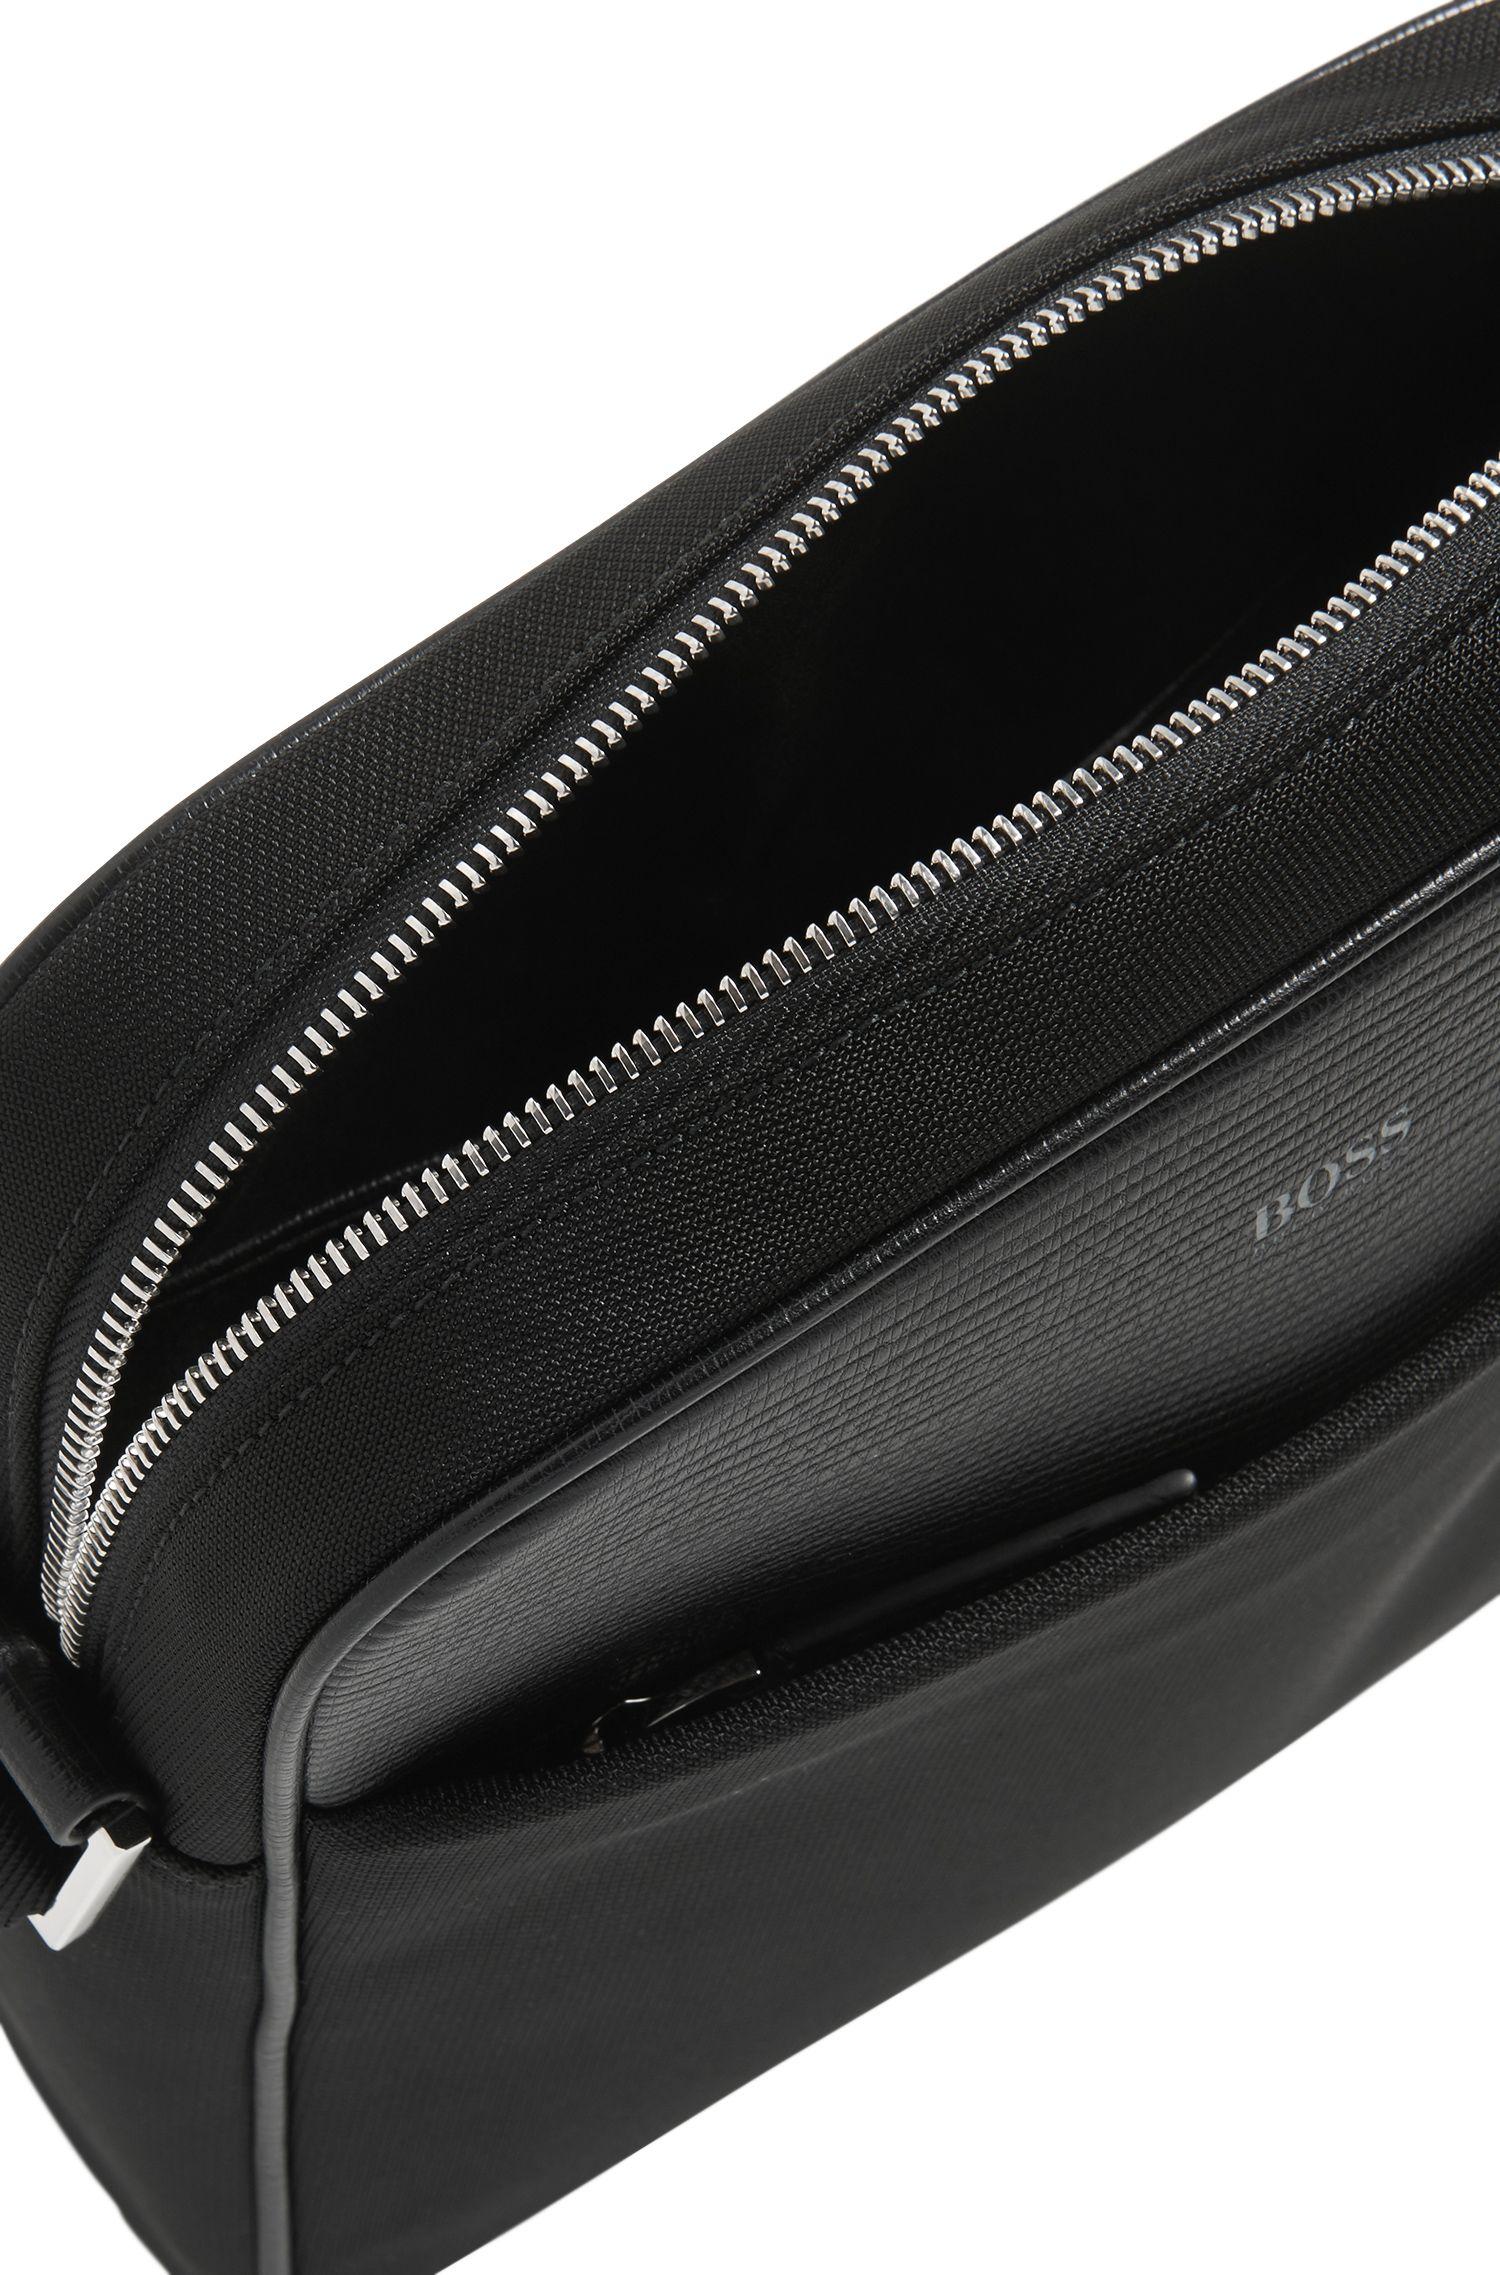 Reporter-Tasche aus Nylon und strukturiertem Leder